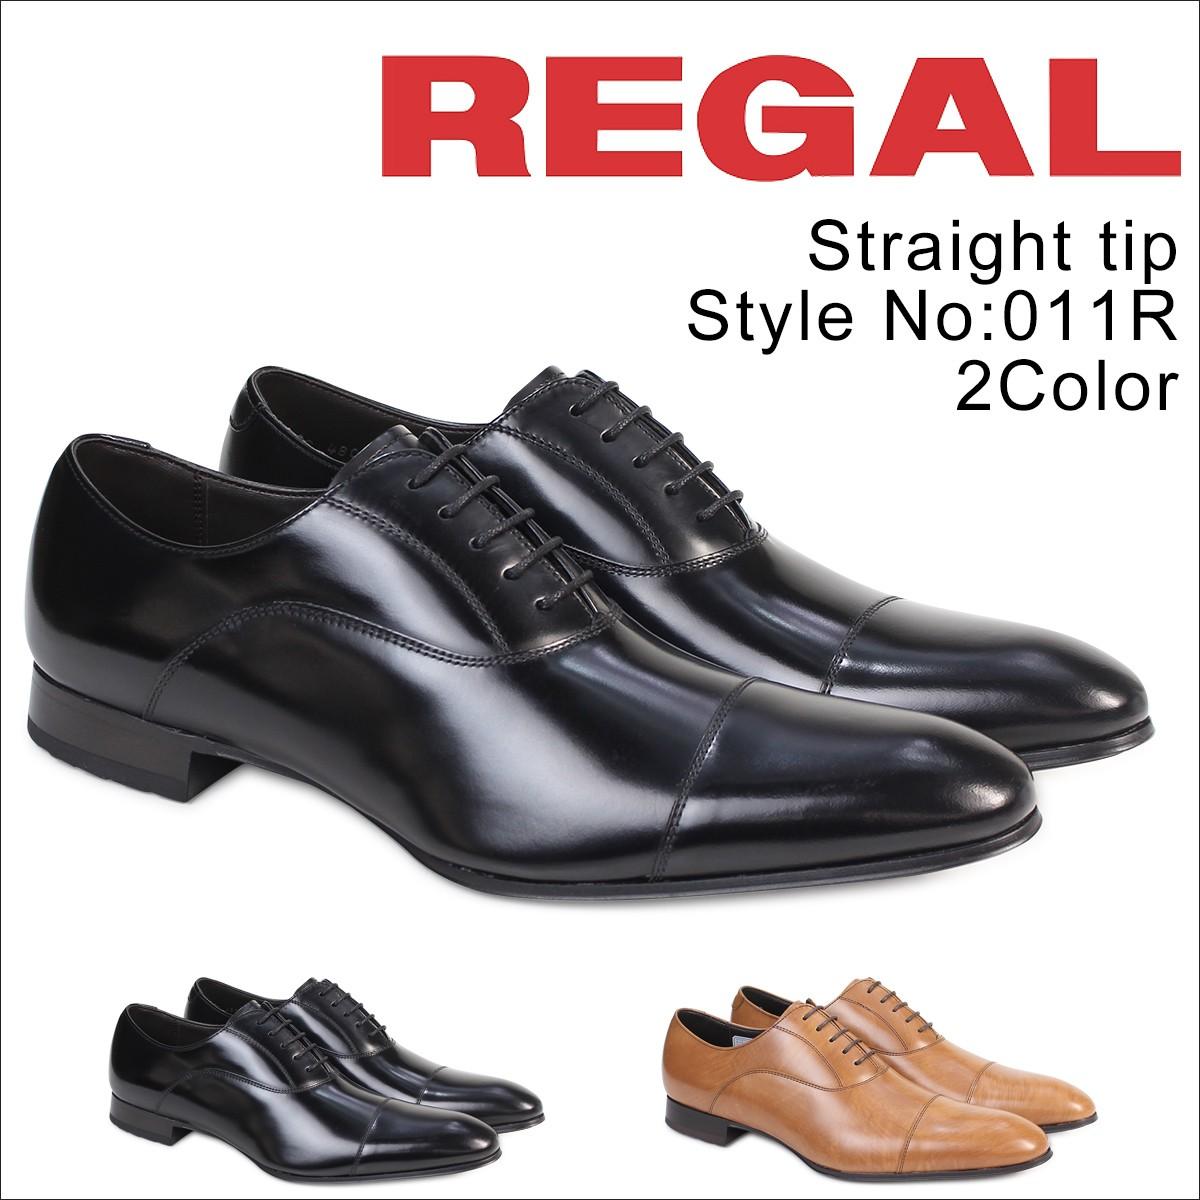 リーガル 靴 メンズ ビジネスシューズ REGAL 011R AL ストレートチップ 防水